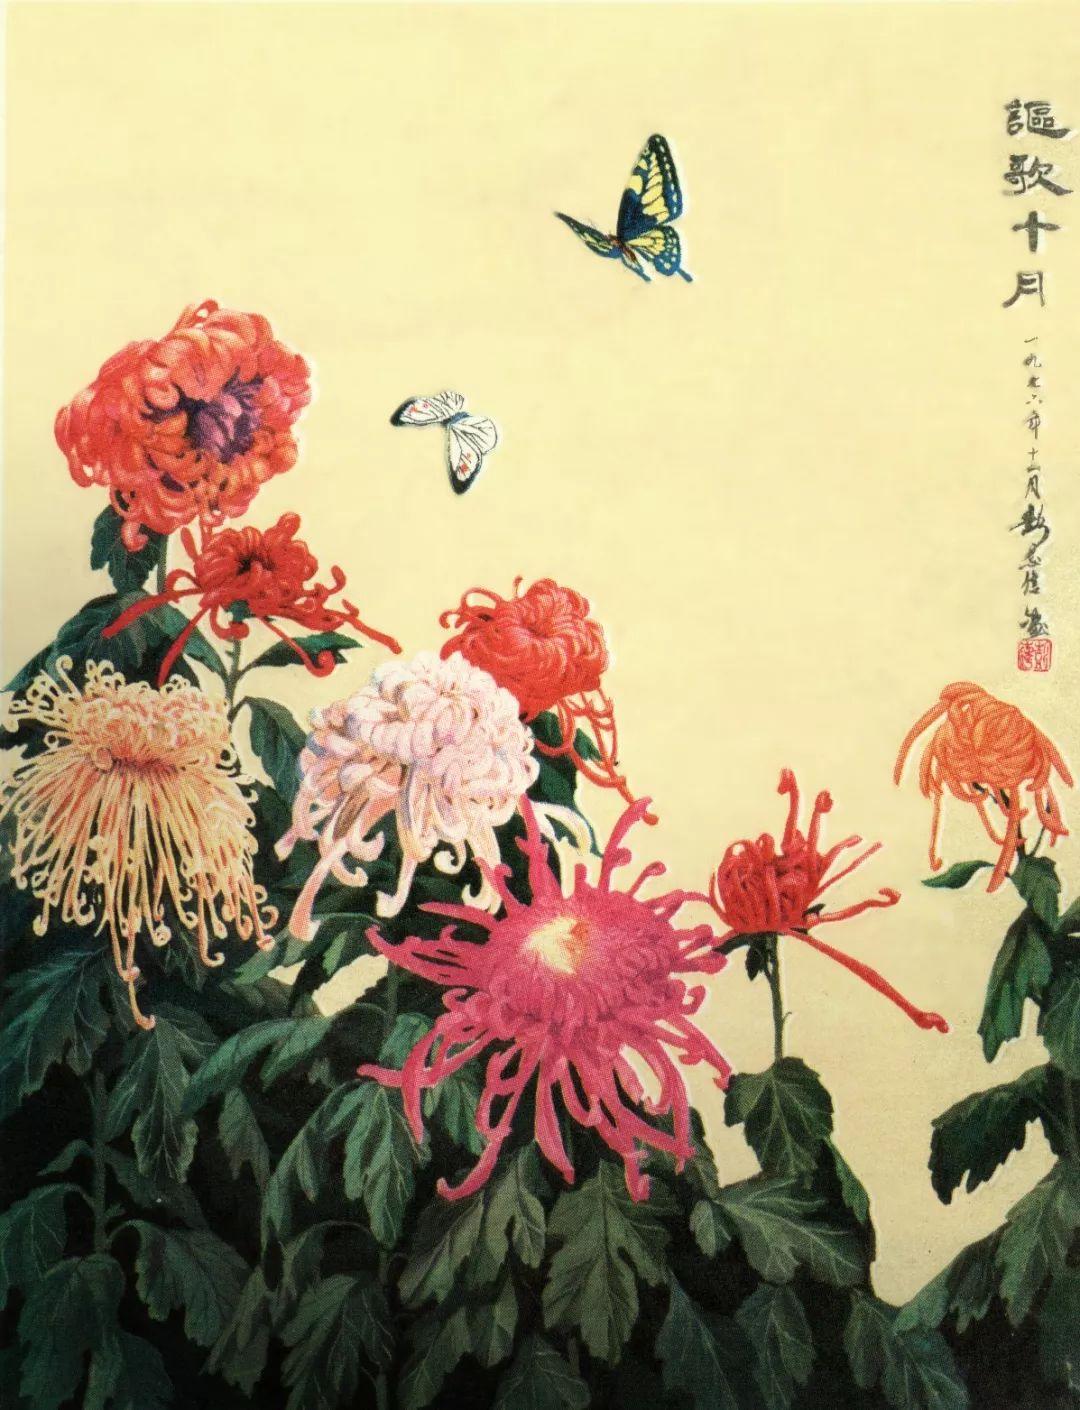 内蒙古画家--彭志信 第58张 内蒙古画家--彭志信 蒙古画廊